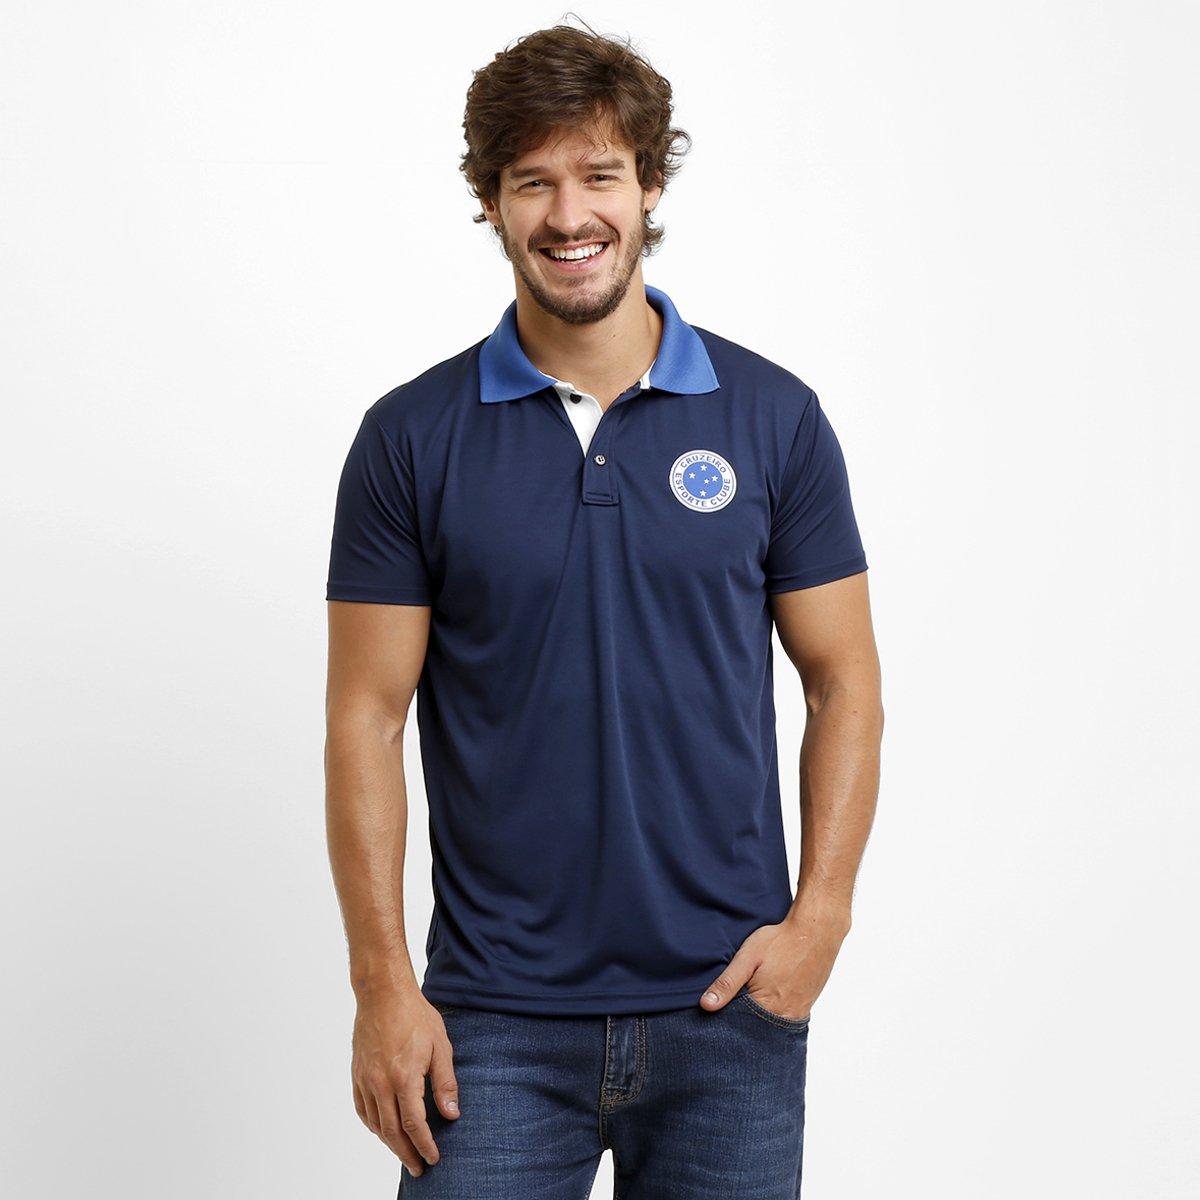 Camisa Polo Cruzeiro Contrasting - Compre Agora  583c04d1e9c06